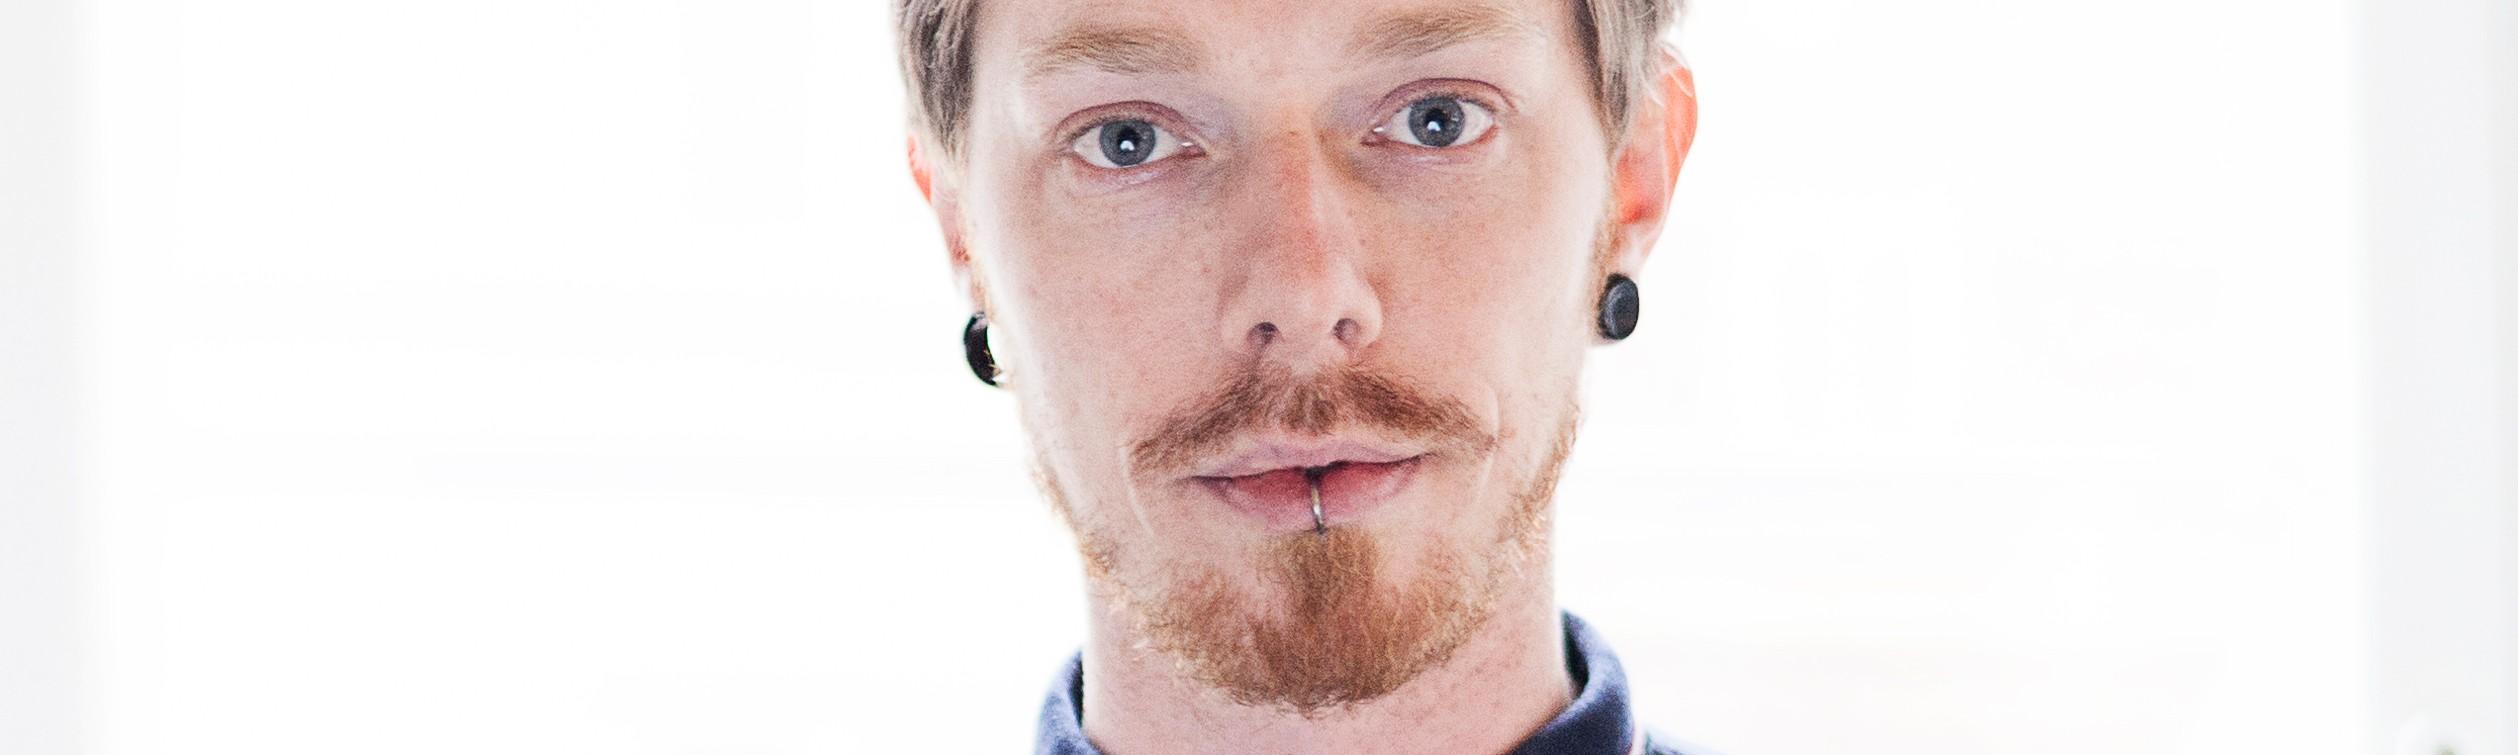 Microdozarea Persoanelor care iau LSD cu micul dejun - BBC News